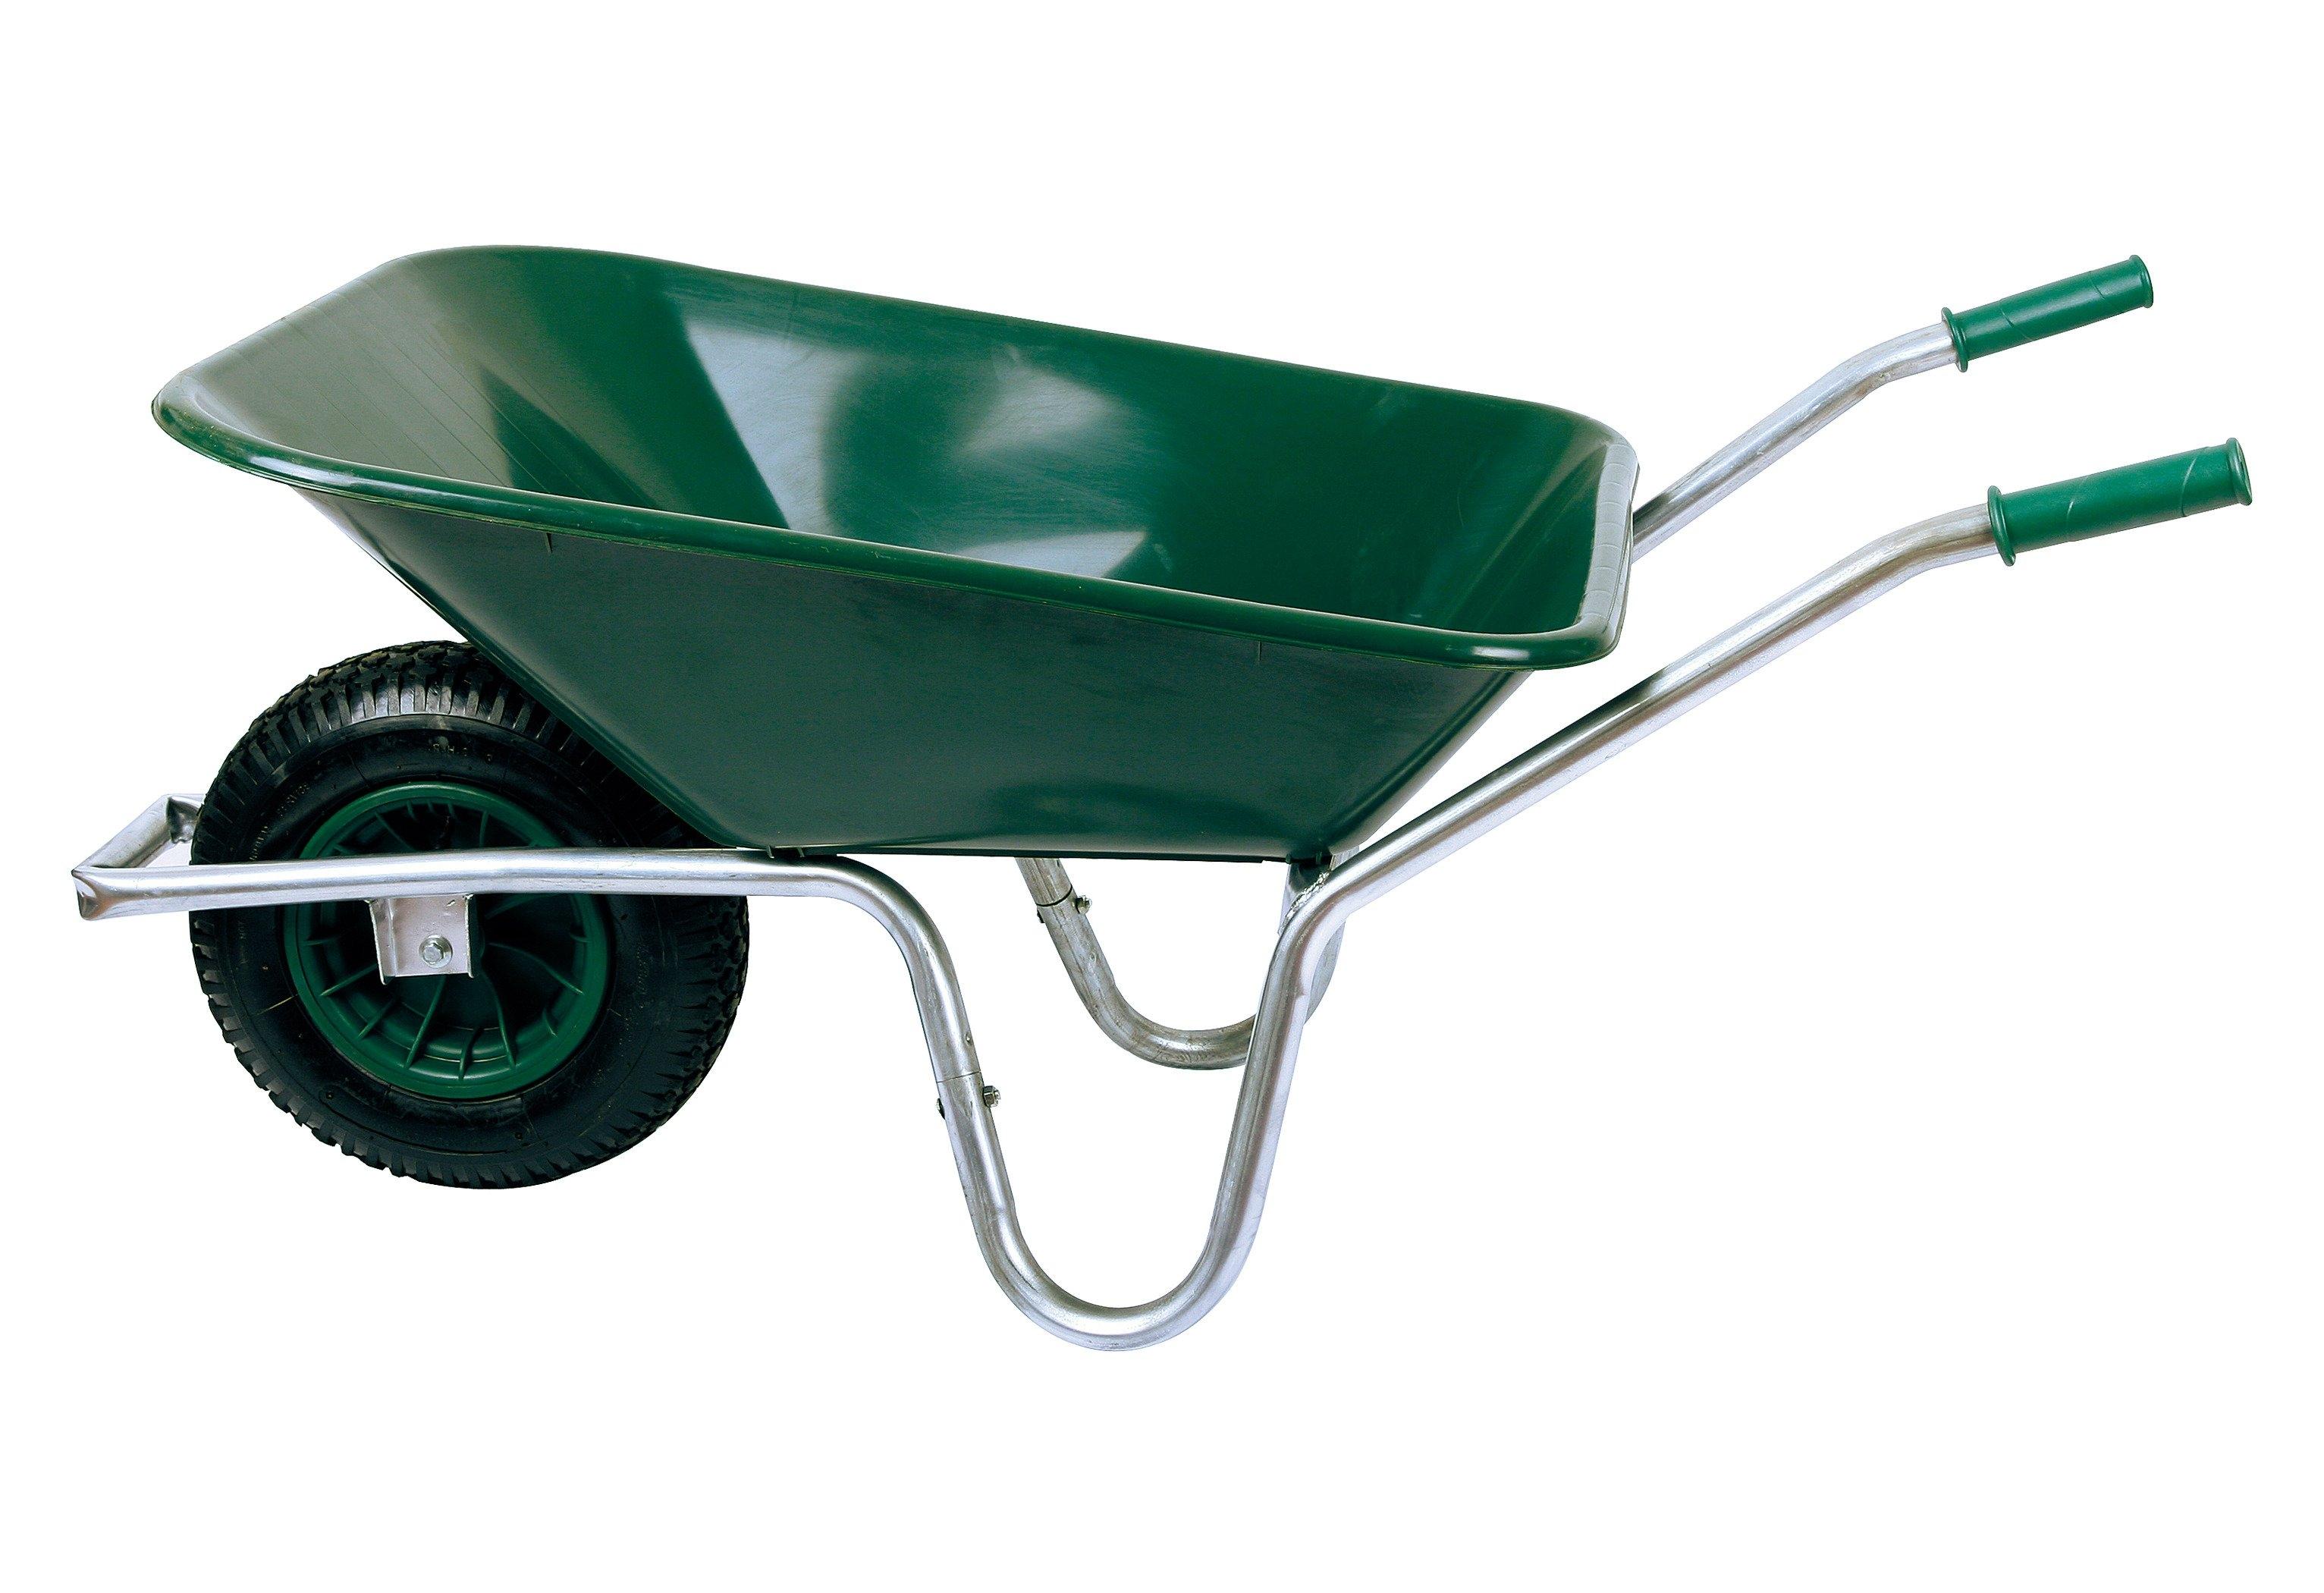 SZ Metall Kruiwagen 80 liter, 150 kg voordelig en veilig online kopen